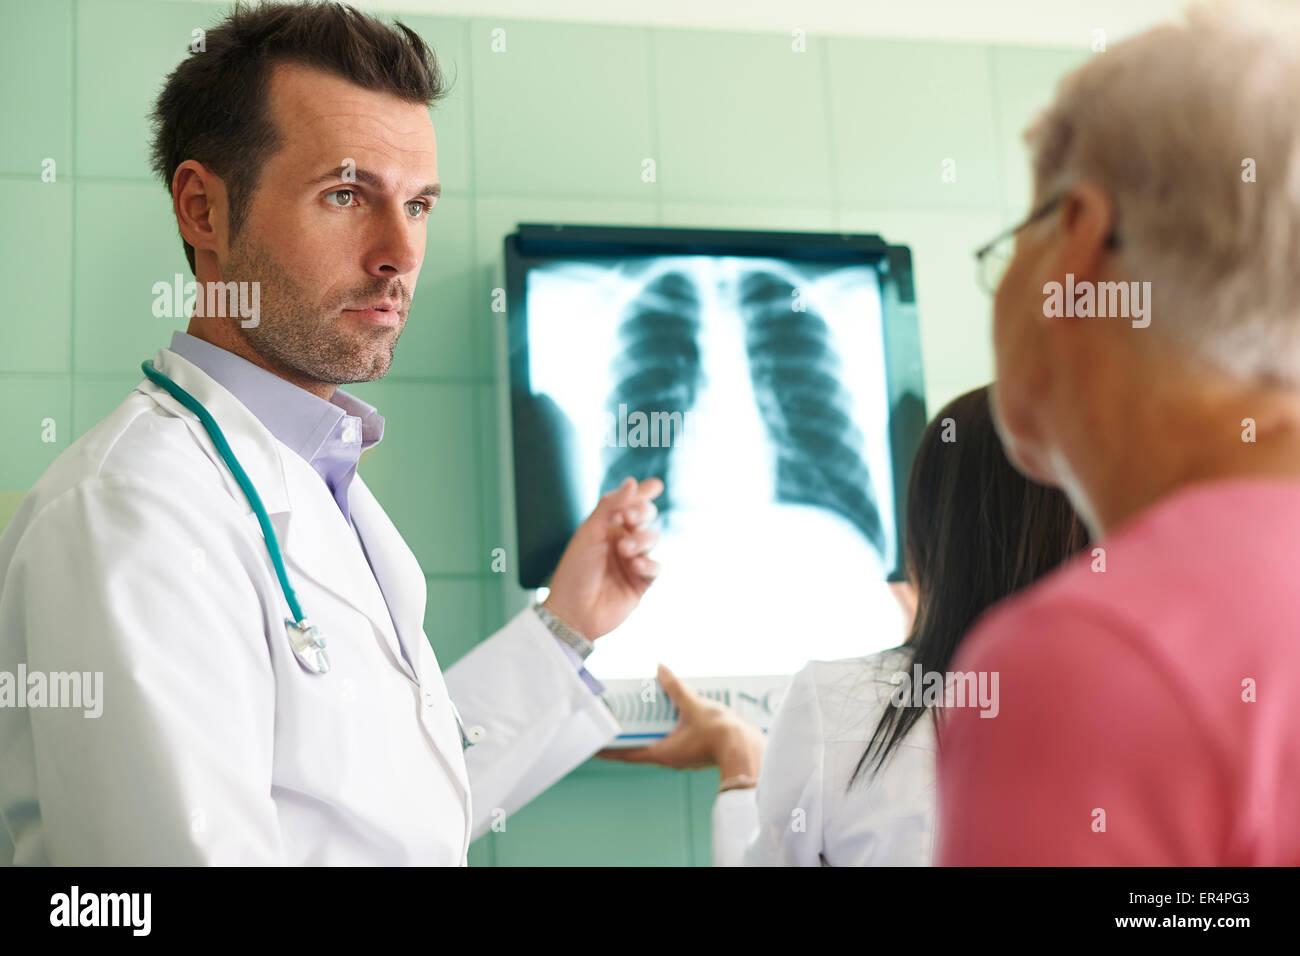 Análisis de imagen de rayos x en el hospital. Debica, Polonia Foto de stock